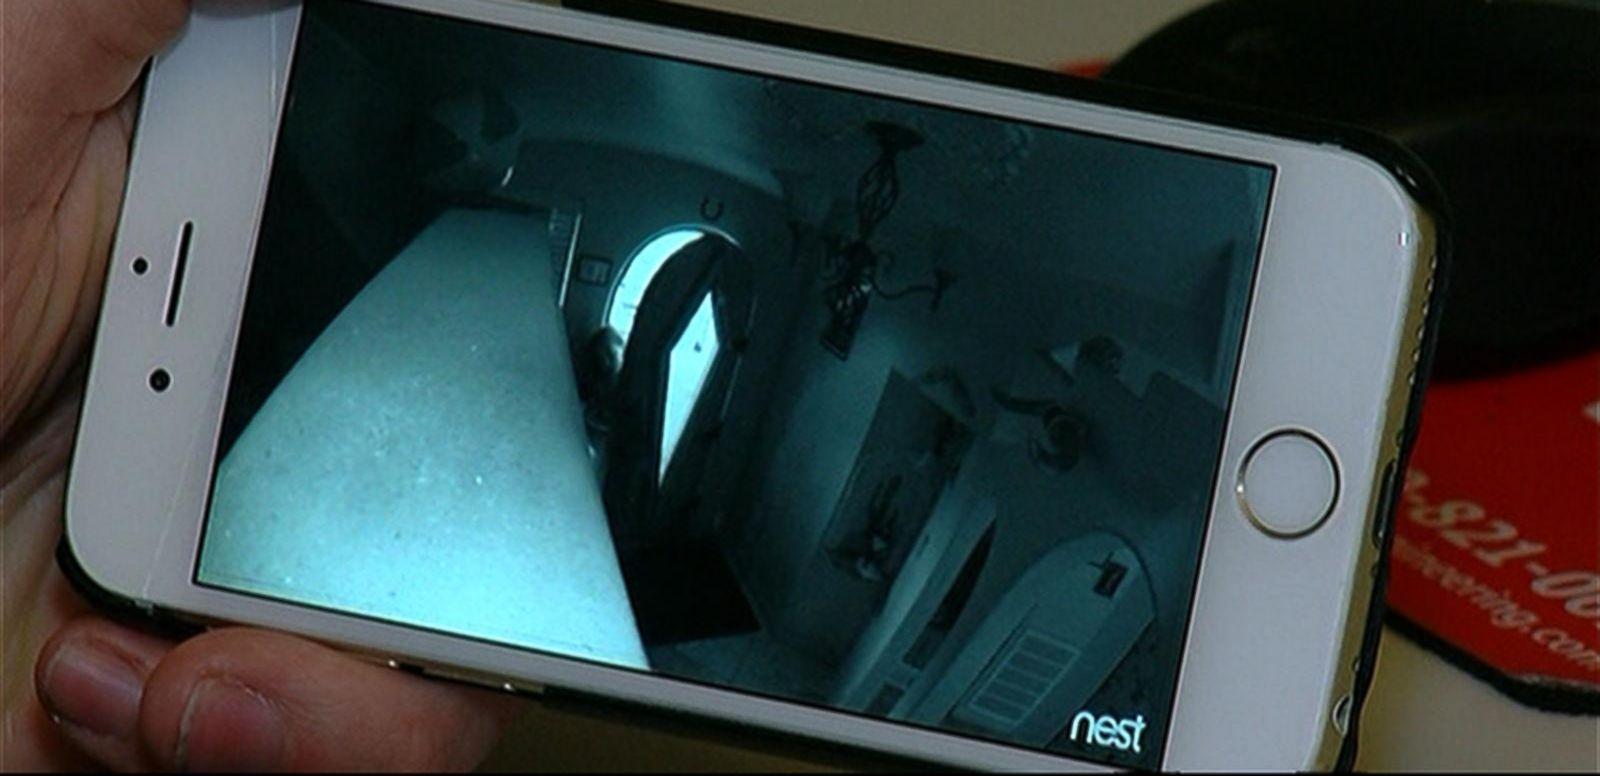 VIDEO: Man Catches Burglar Through iPhone App